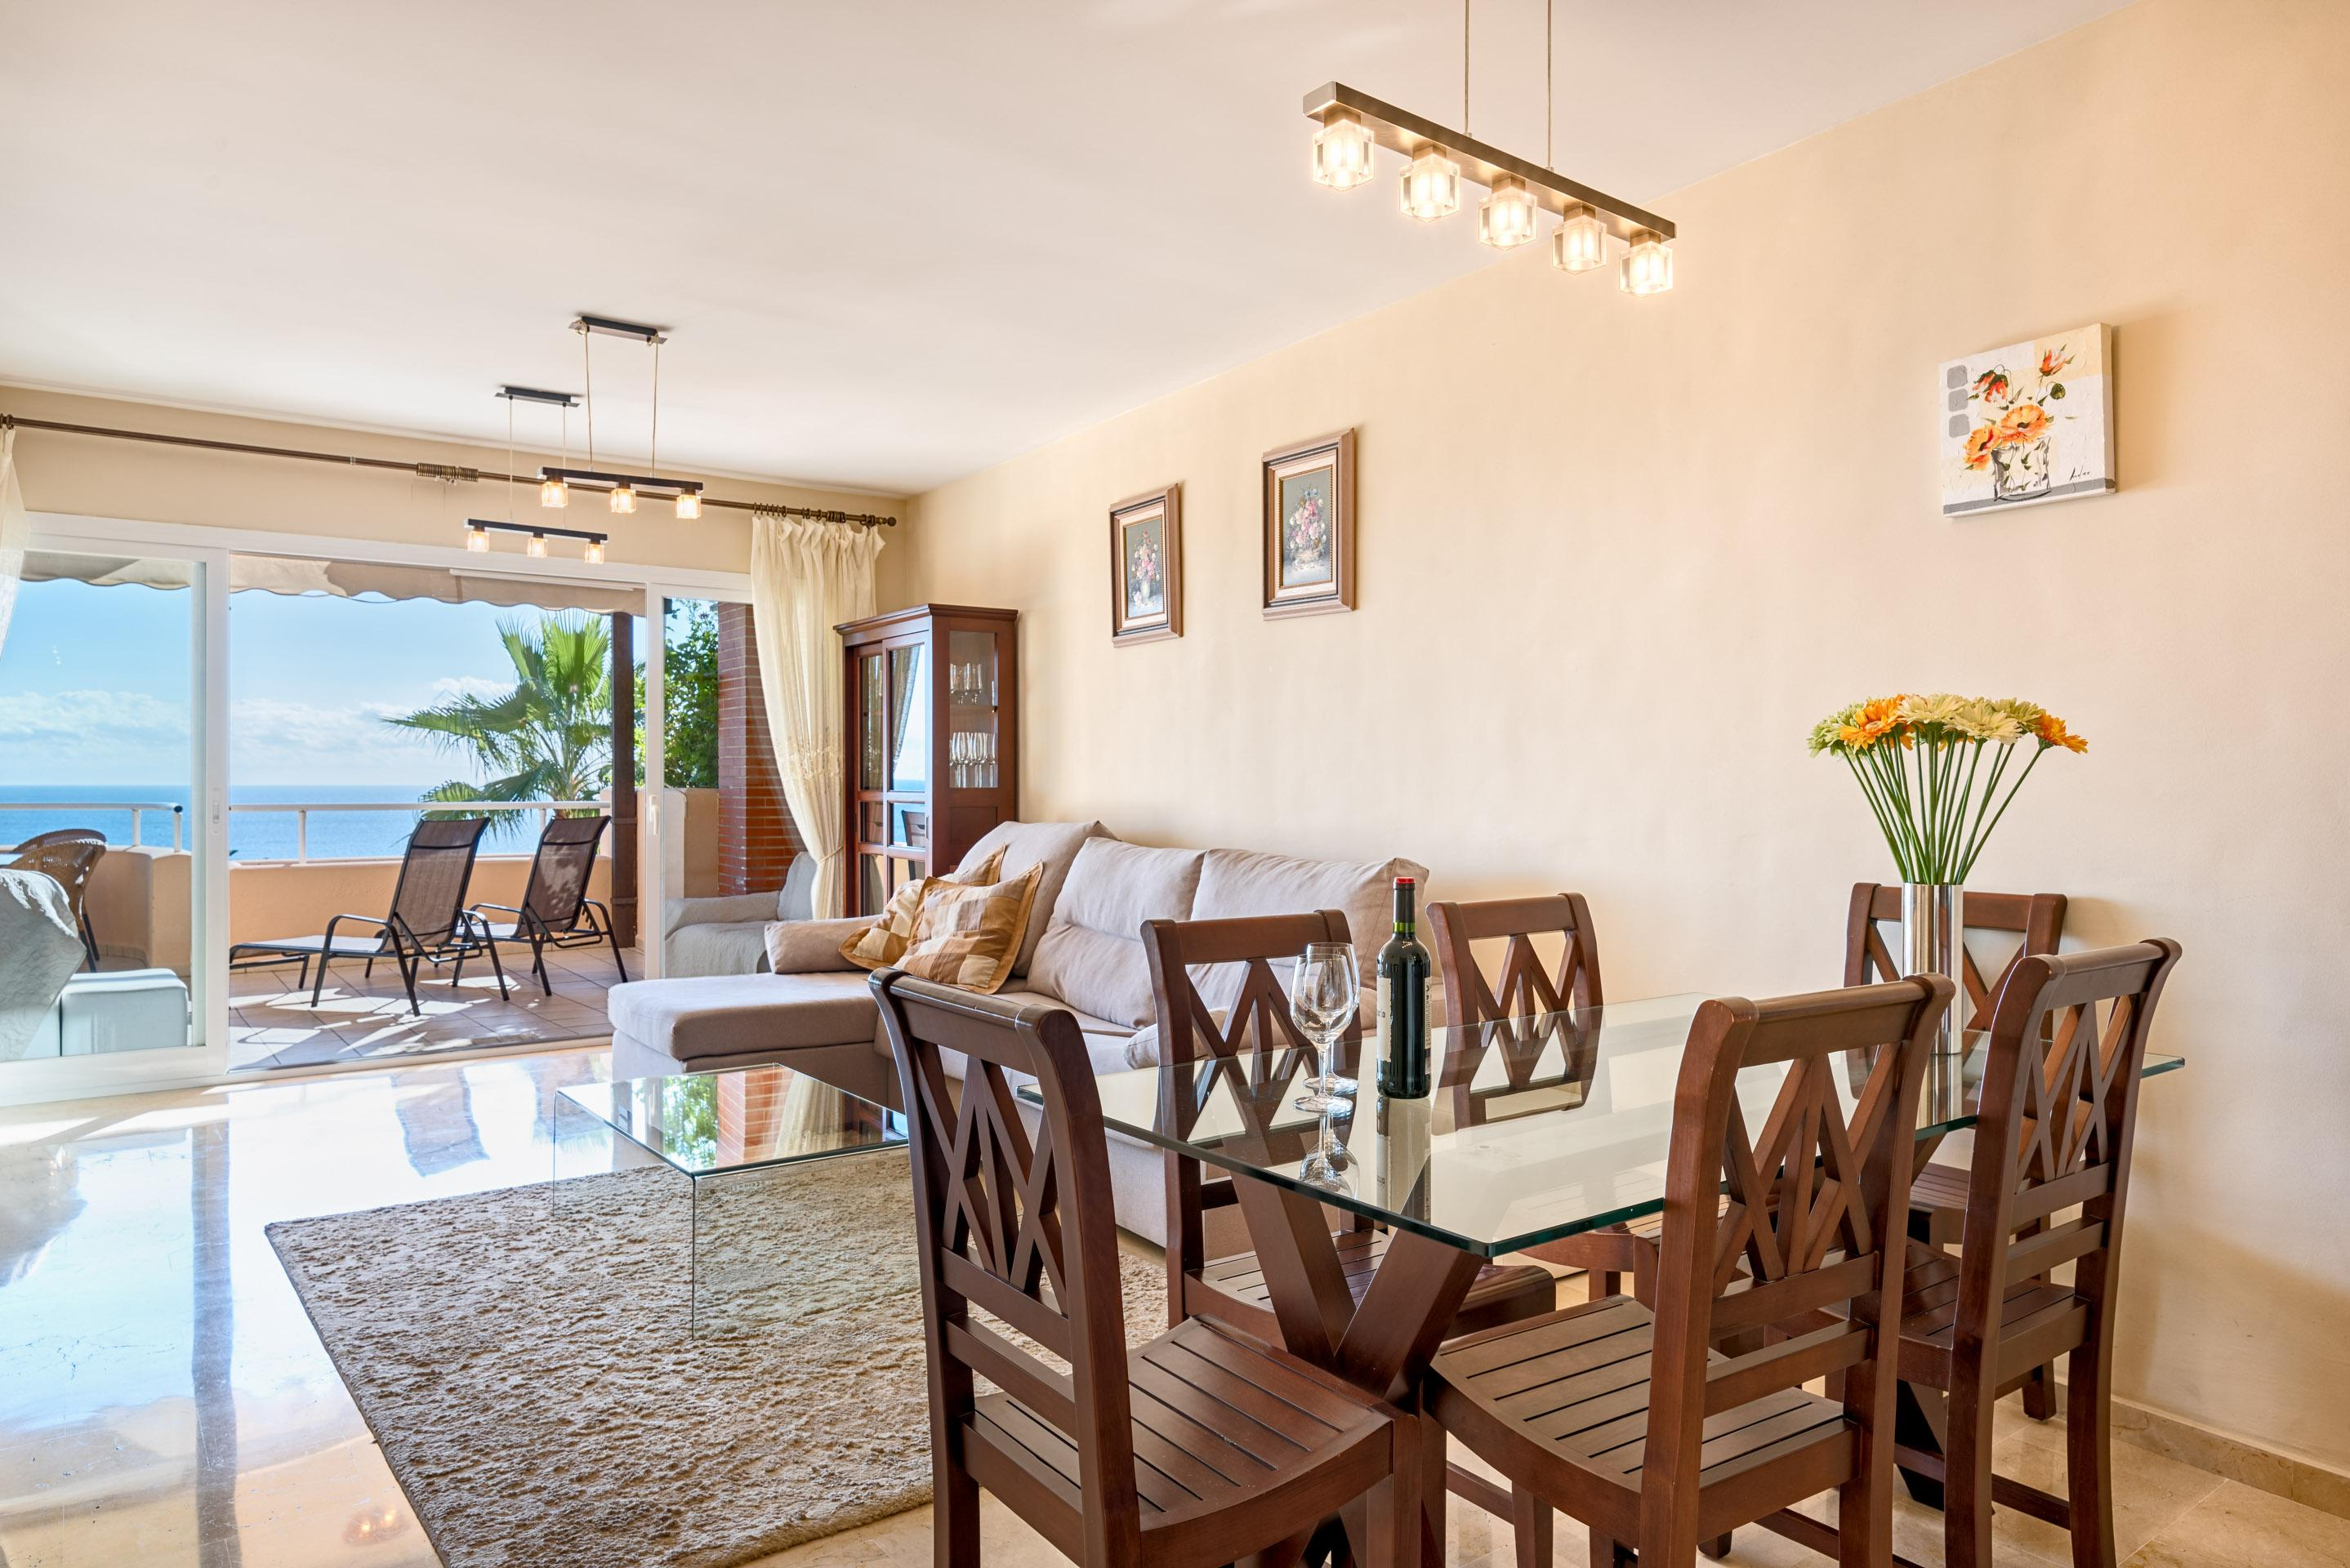 Home Rafleys Villa Apartment For Rent